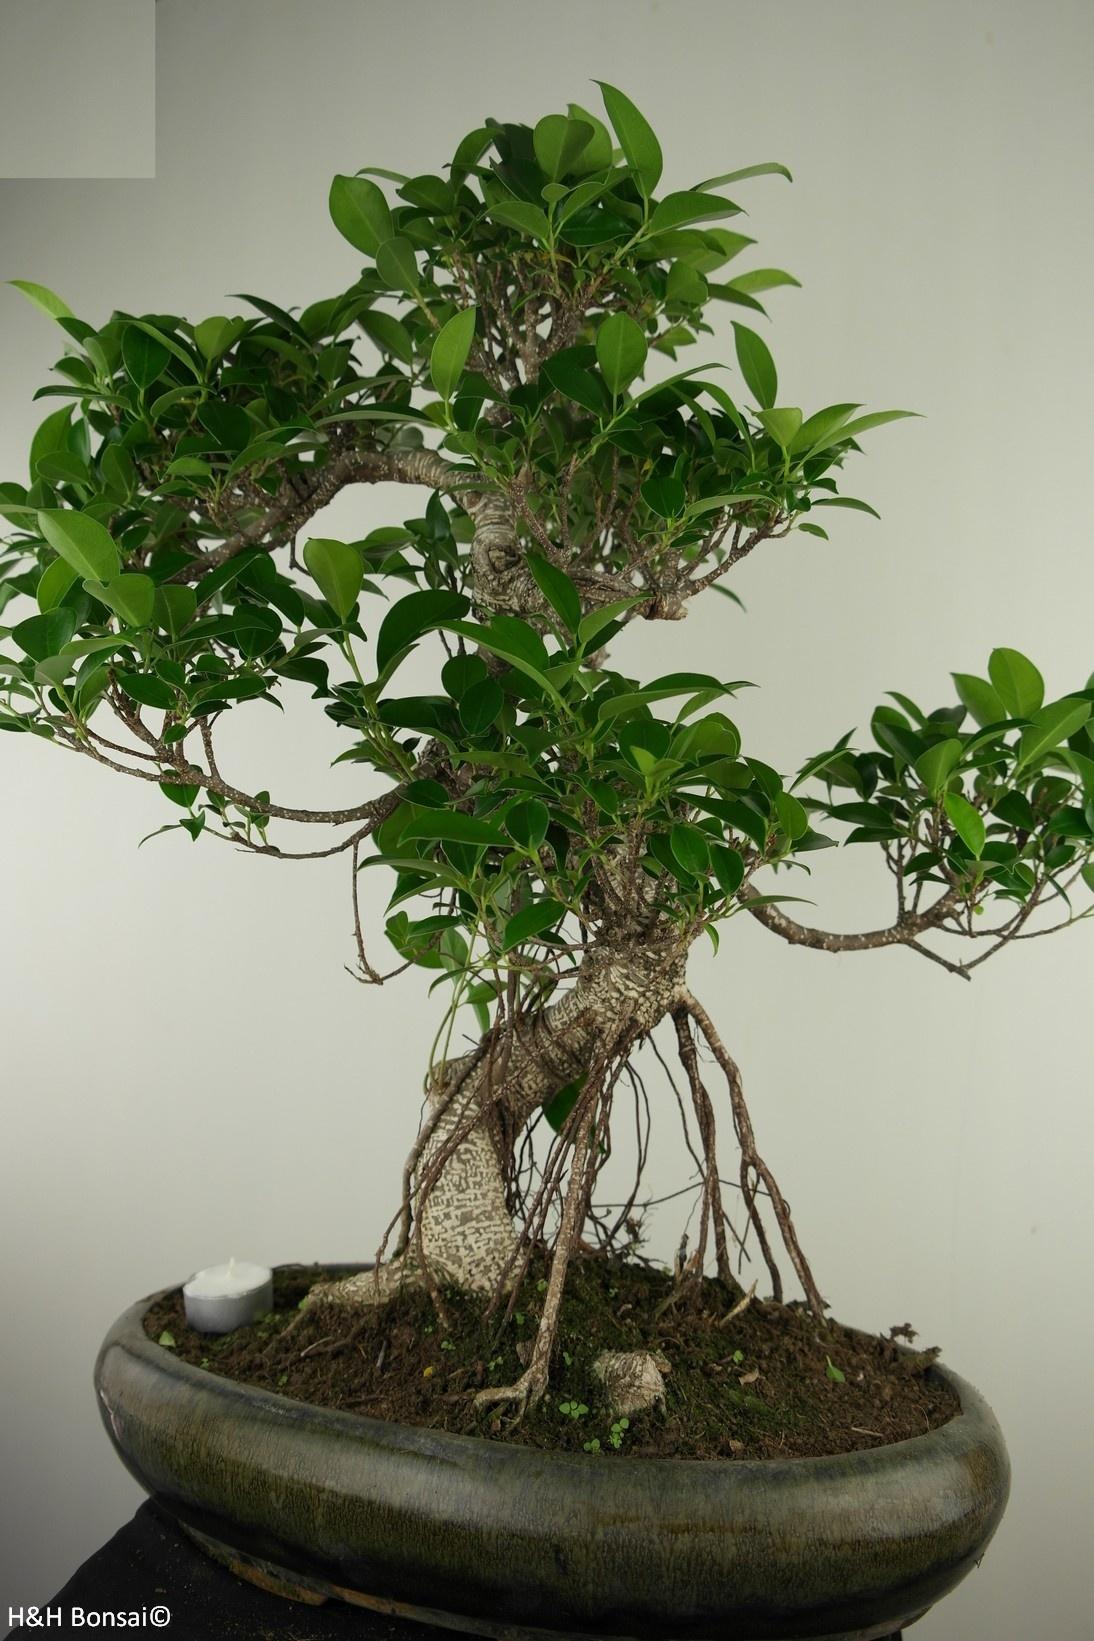 Bonsai Fig Tree, Ficus retusa, no. 7675